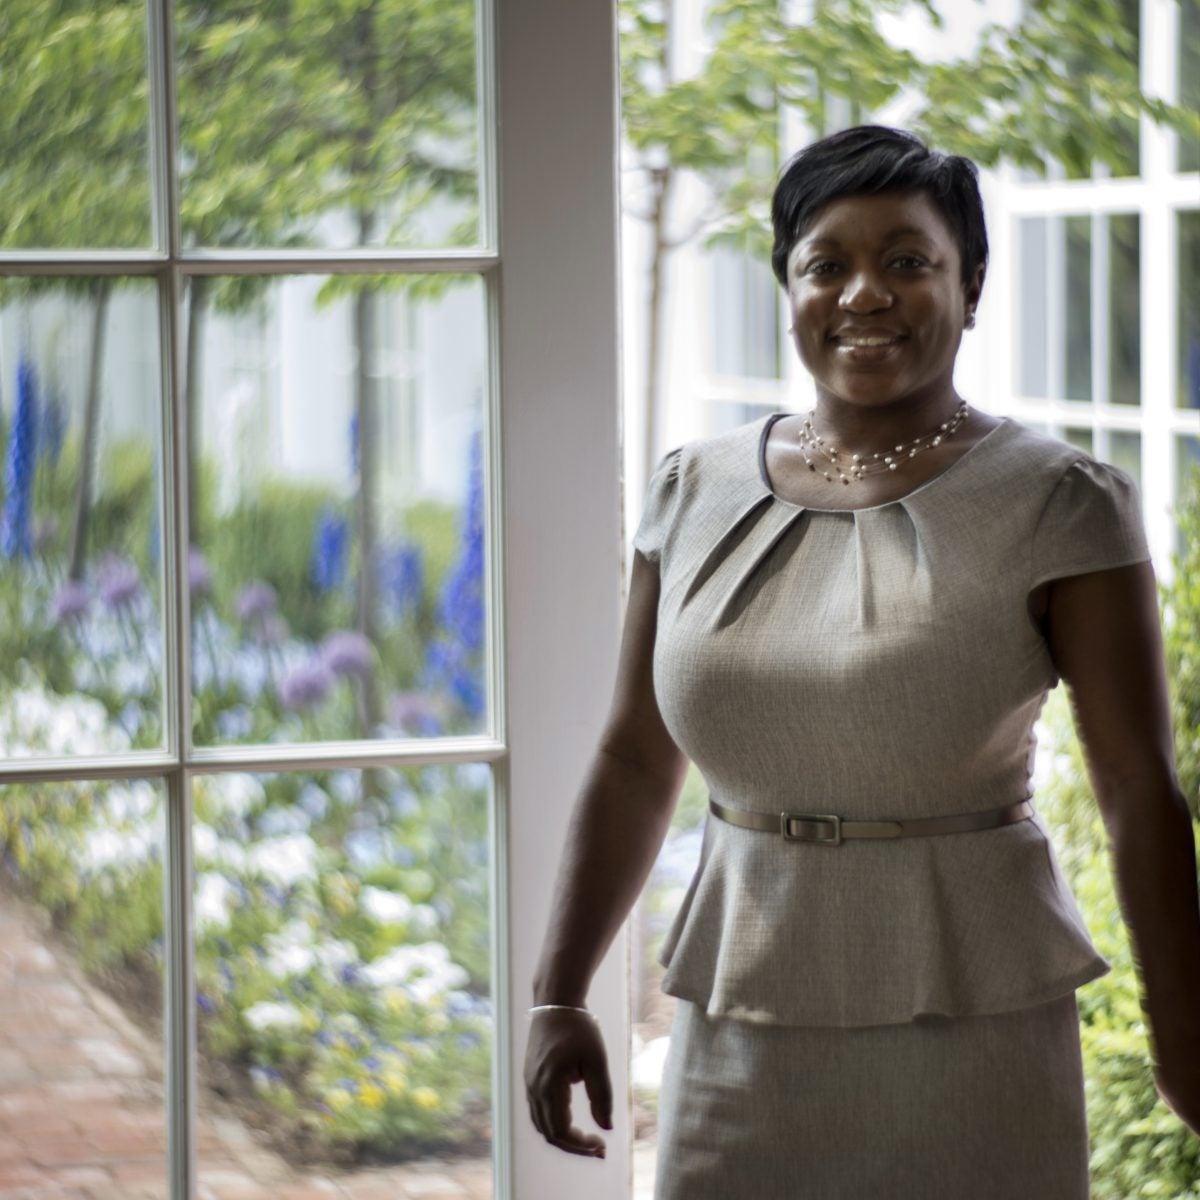 Obama White House Alumni Uplift Students with 'Black Girl 44' Scholarship